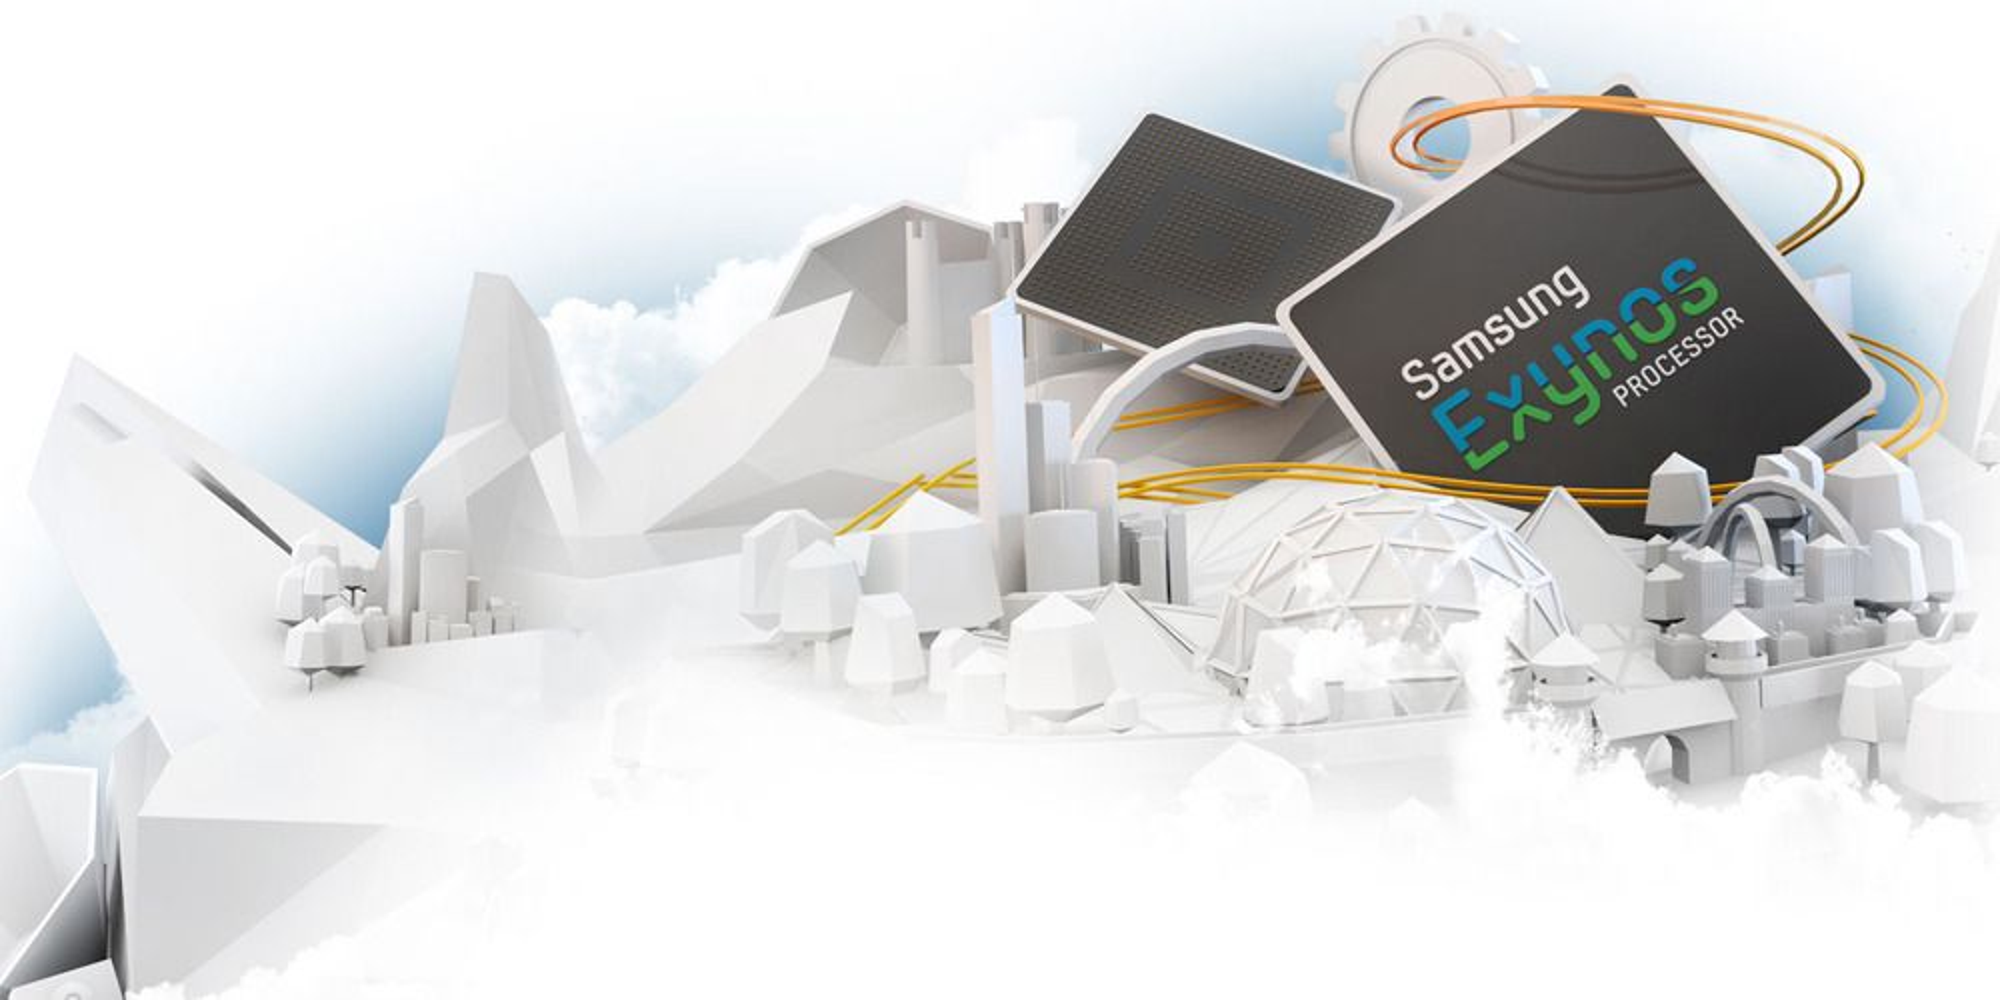 Samsung dobler prosessorkapasiteten